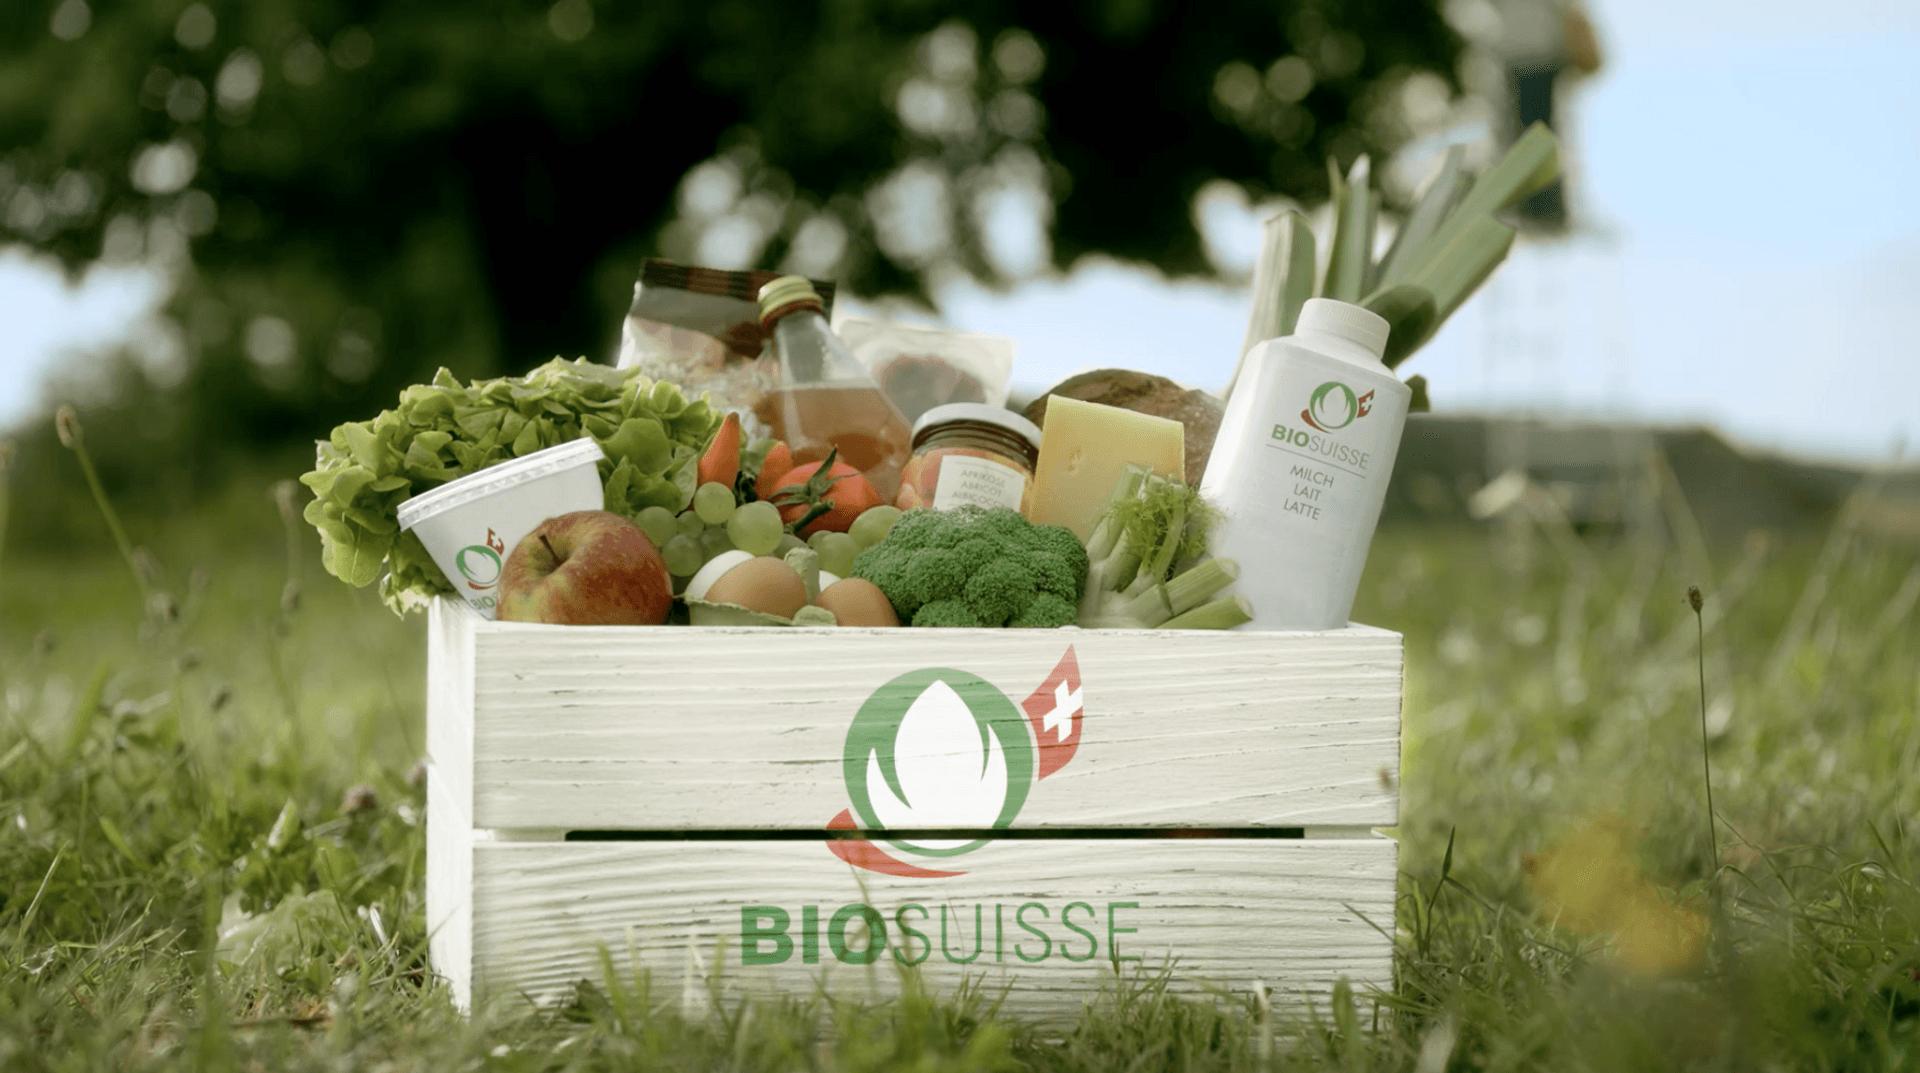 Gemüsekiste Bio Suisse